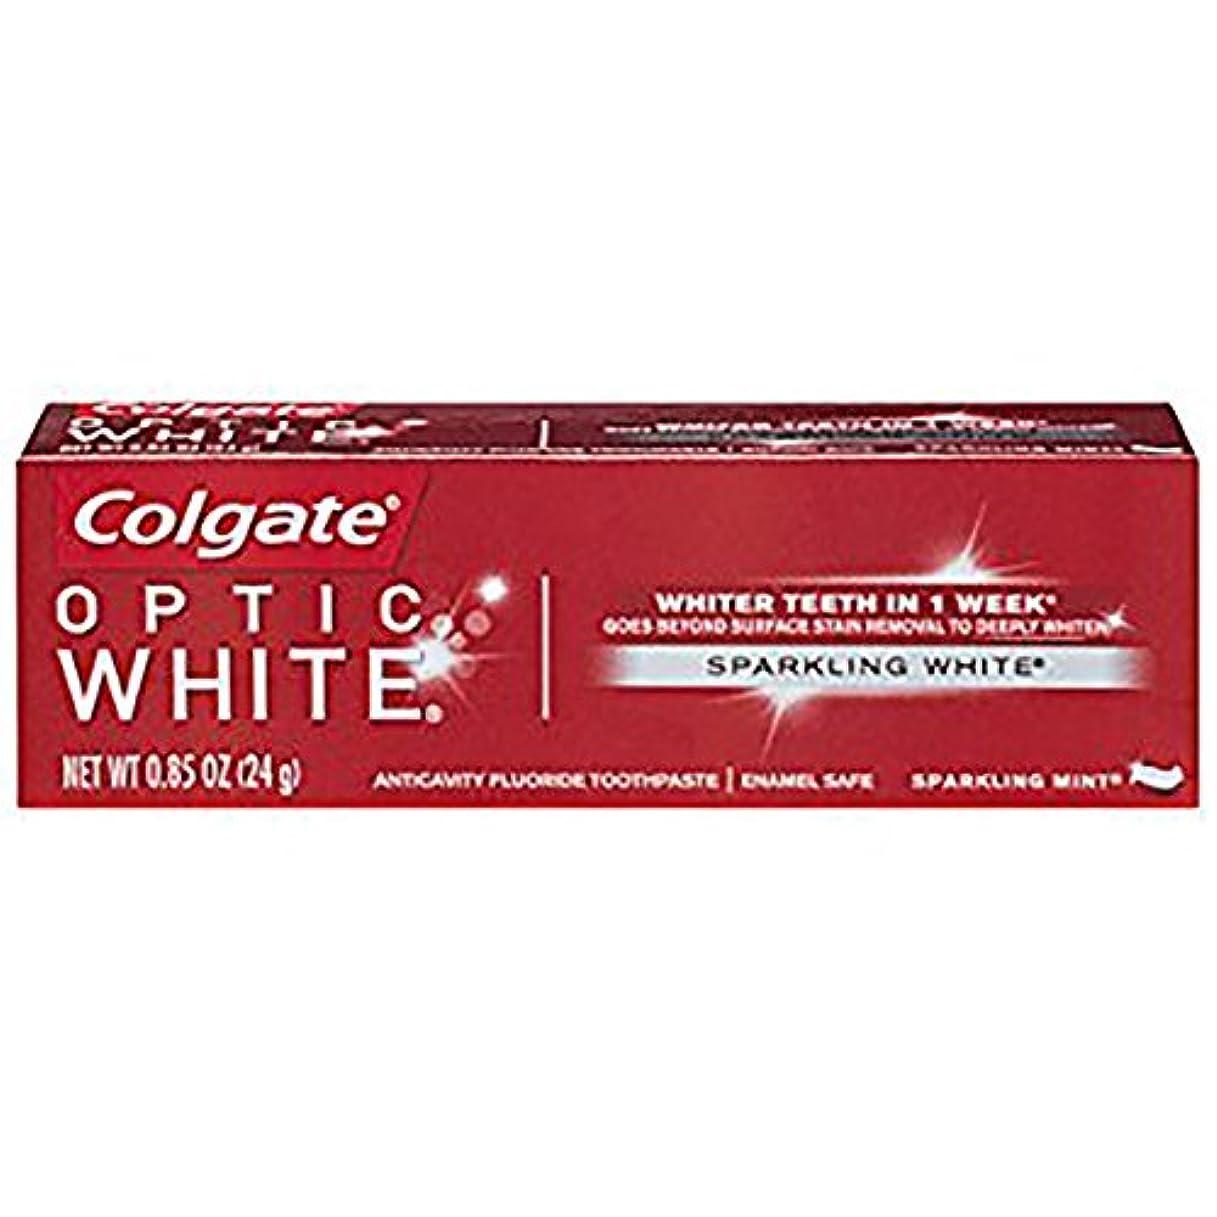 ストリップショップスカウトコルゲート ホワイトニング Colgate 24g Optic White Sparkling White 白い歯 歯磨き粉 ミント